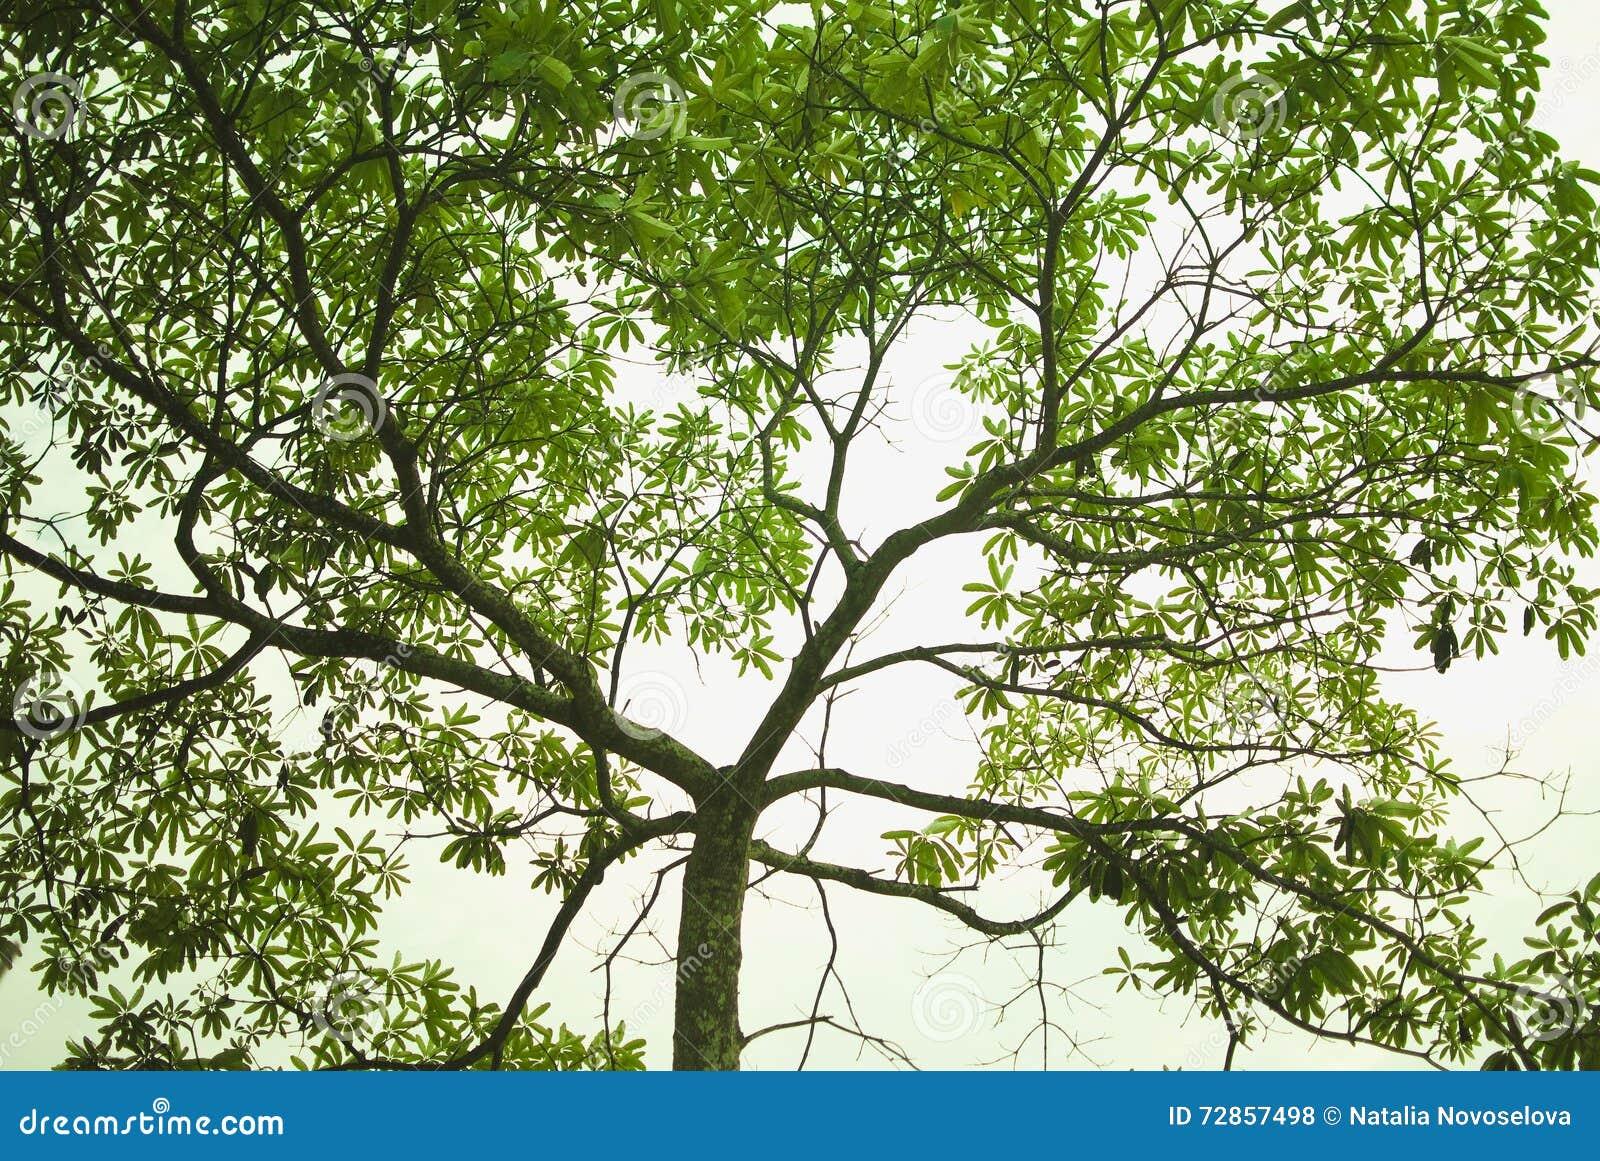 Nahaufnahme der üppigen Baumverzweigung